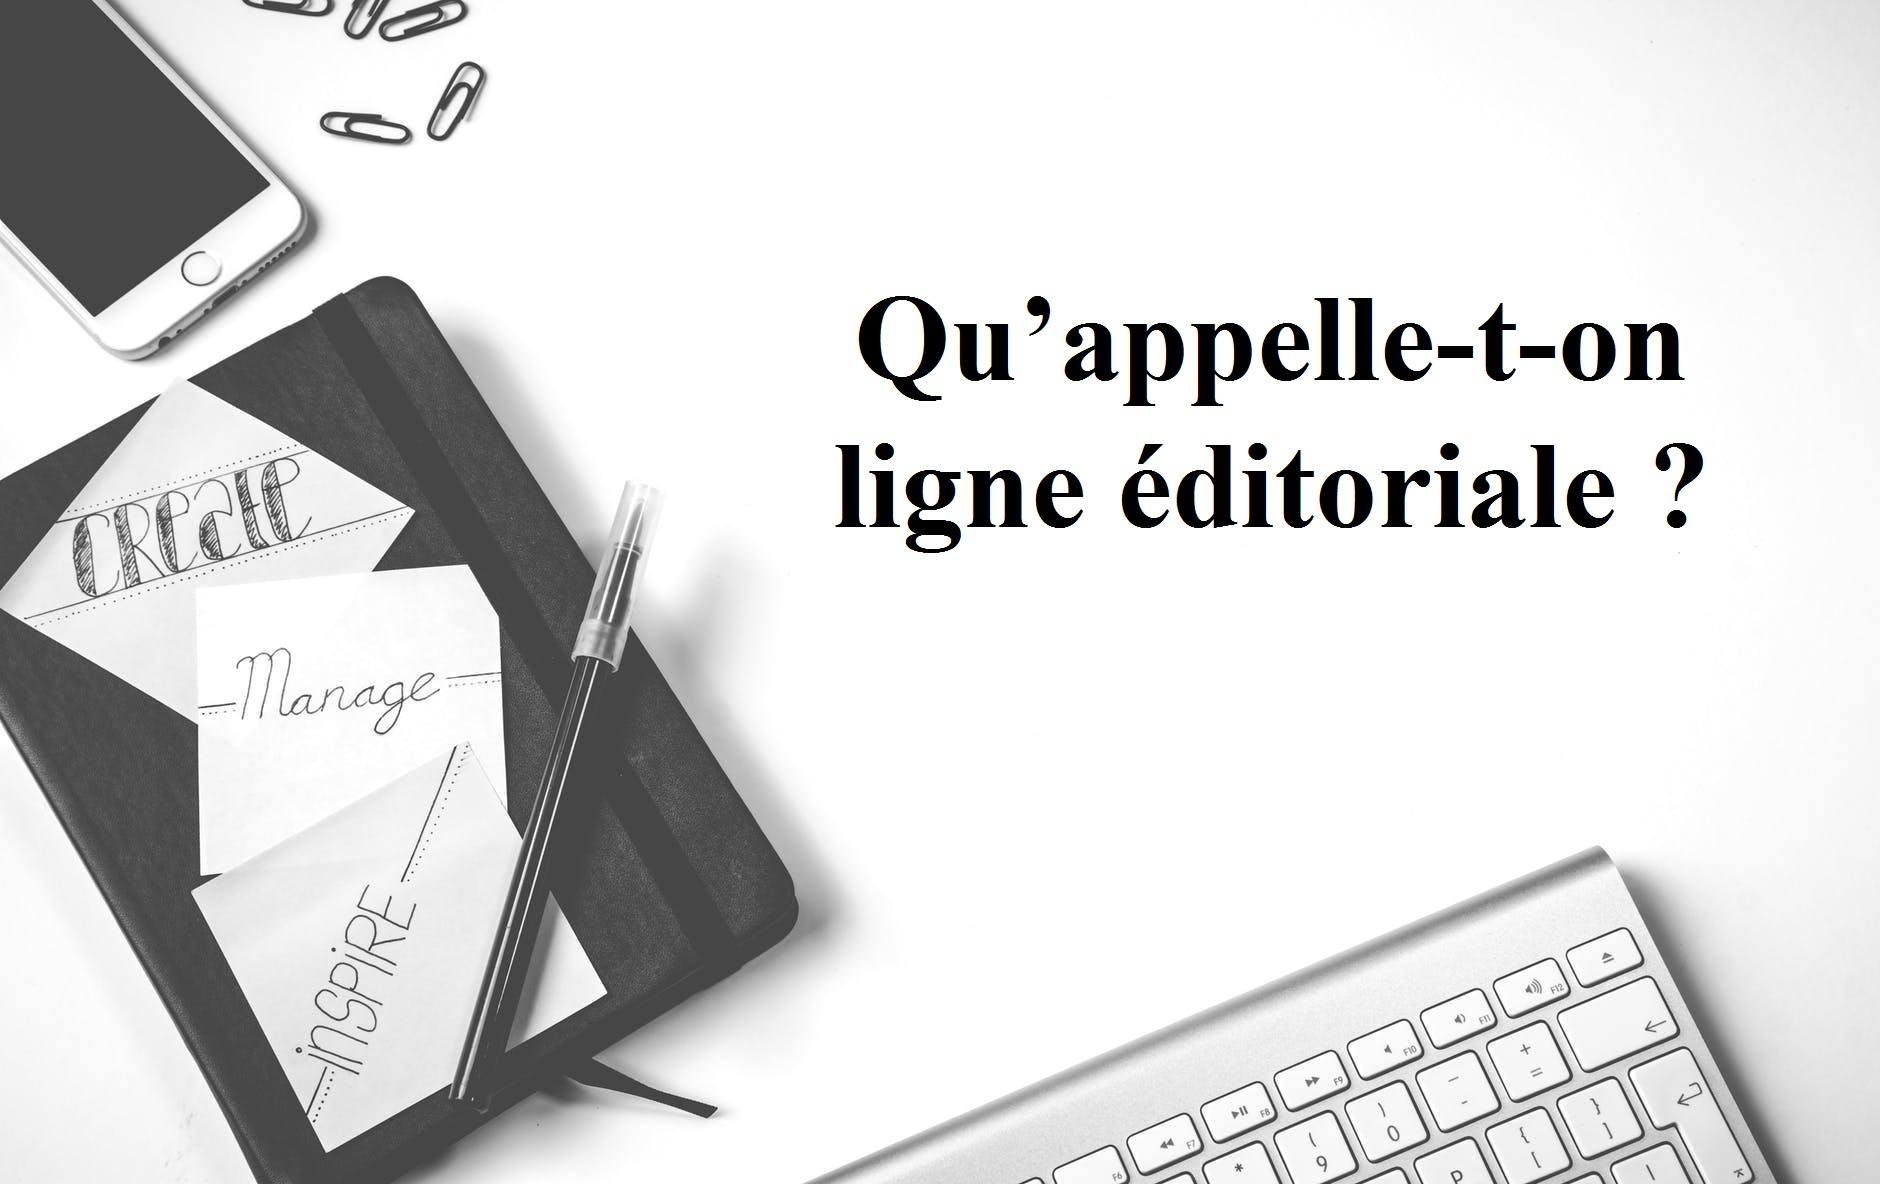 Qu'appelle-t-on ligne éditoriale ?